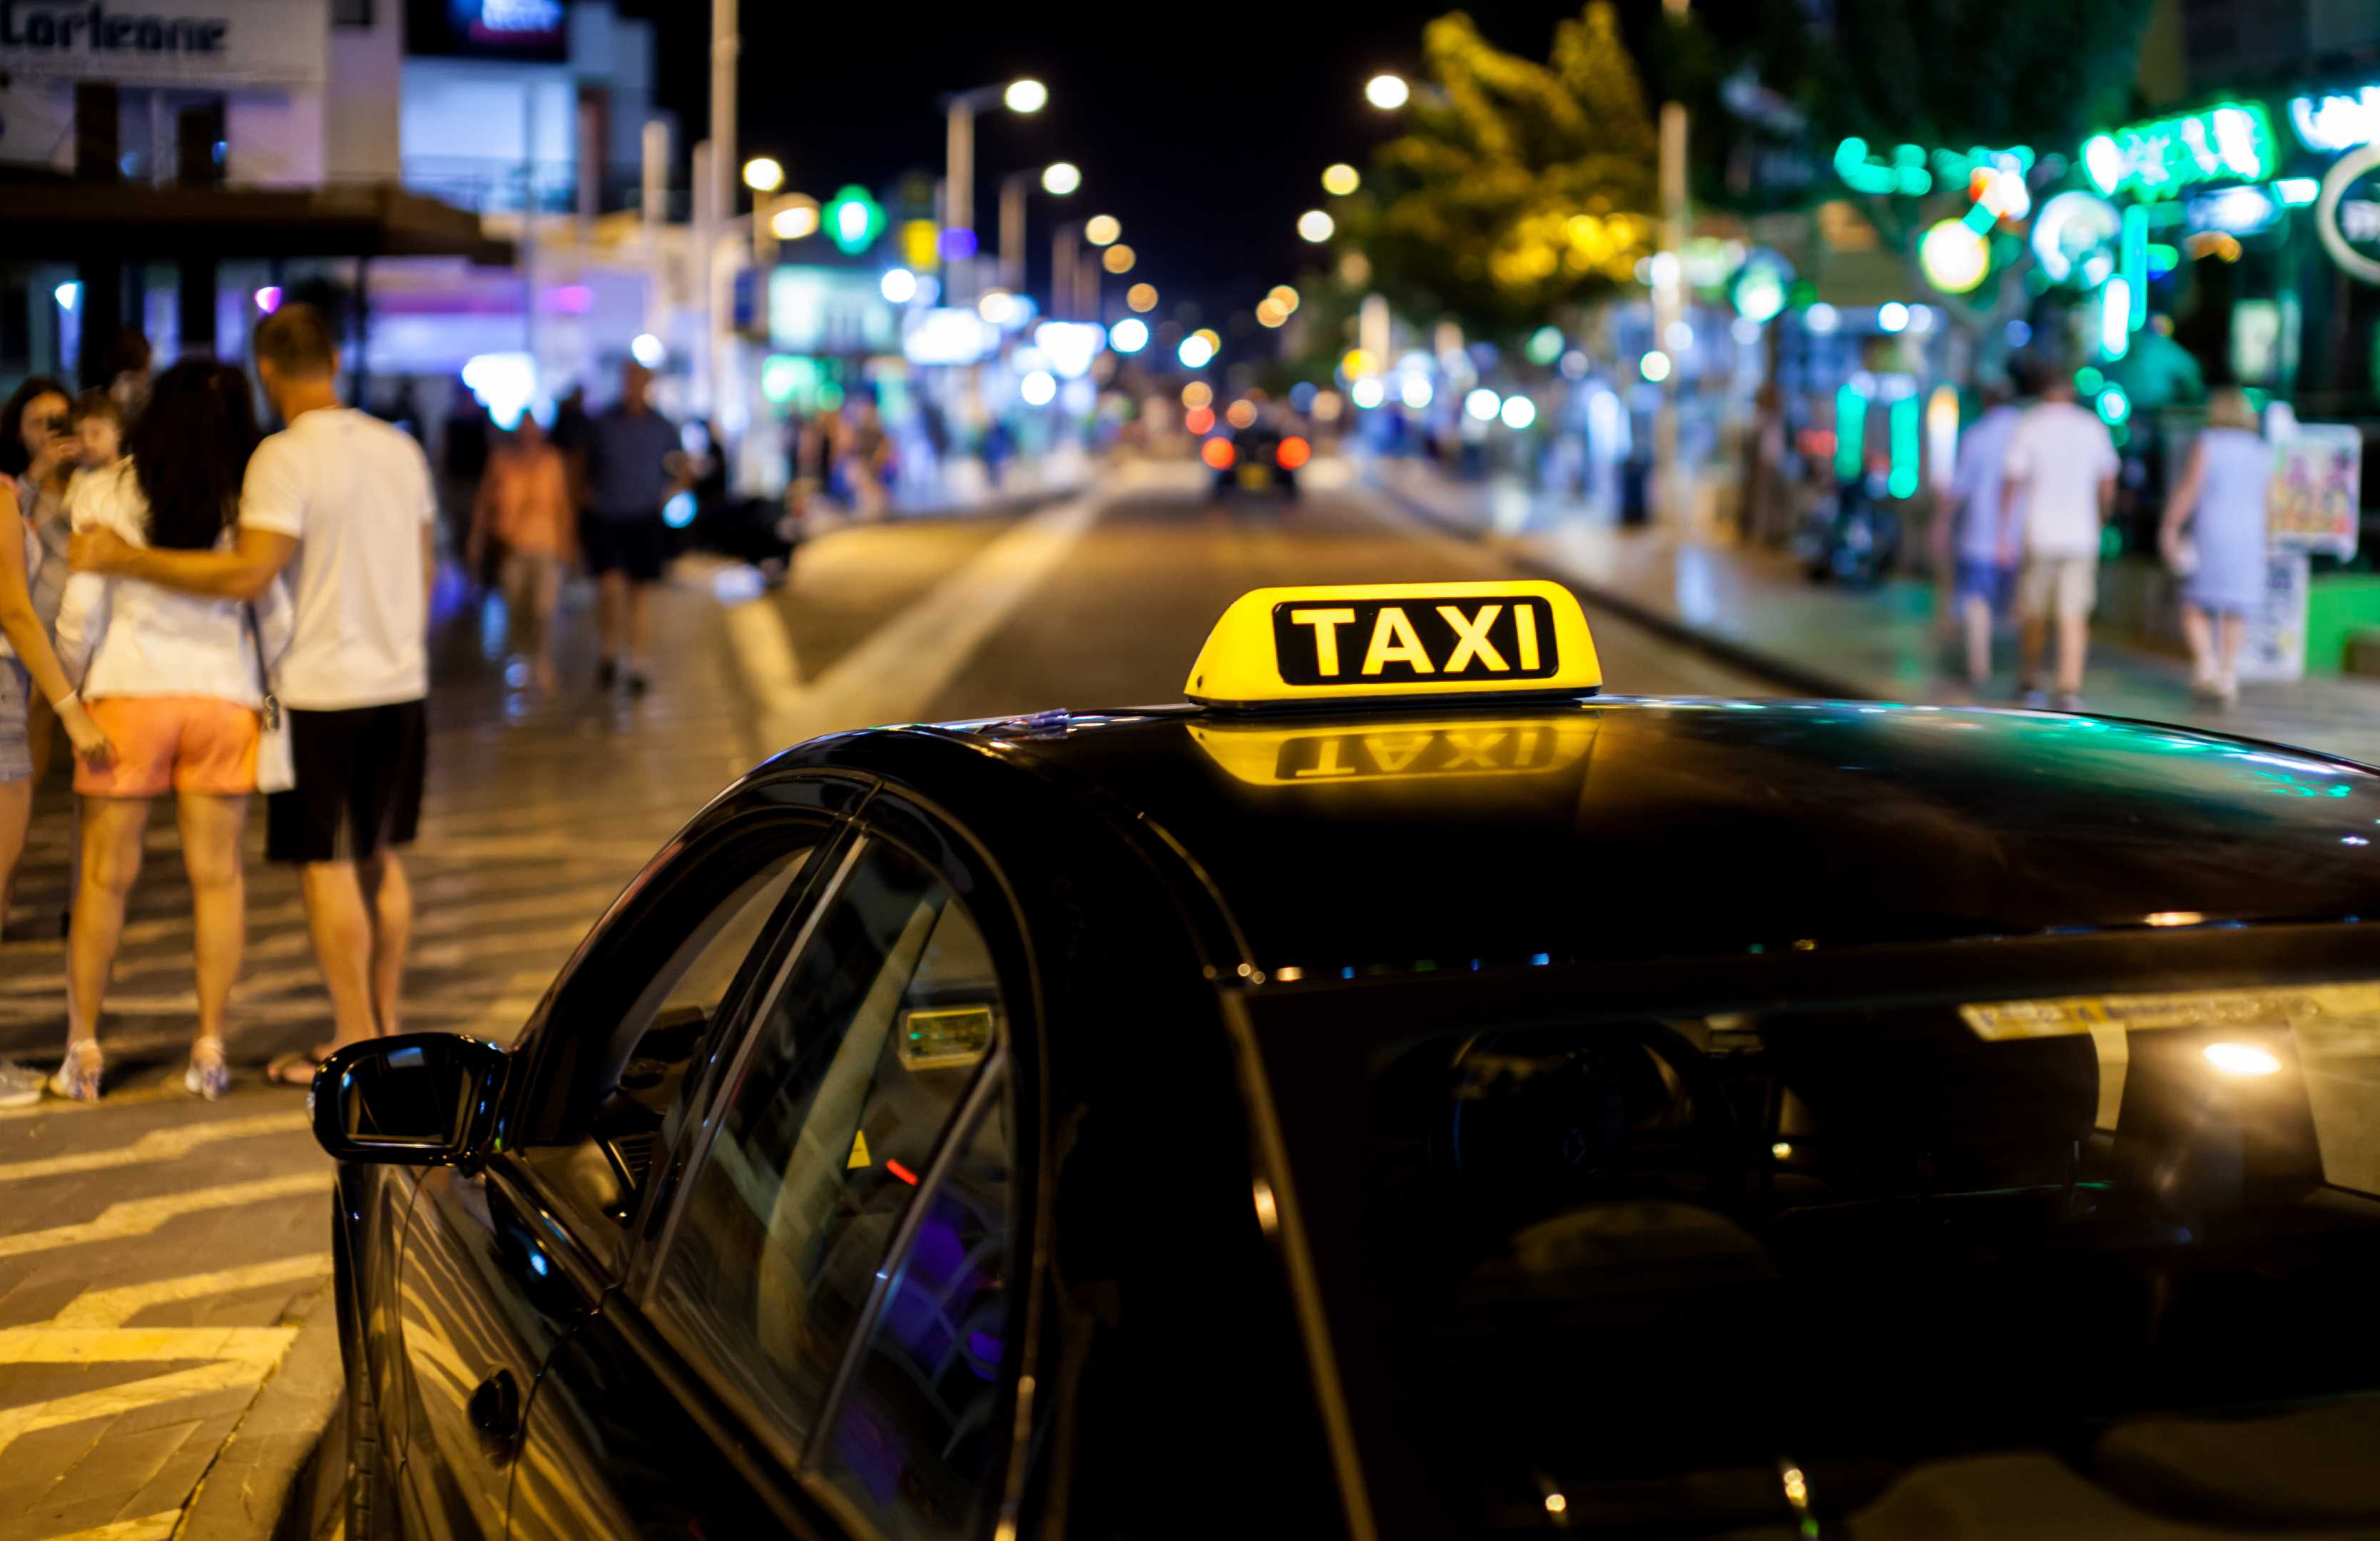 имение предусматривалось фото ночного такси лучше обстоит